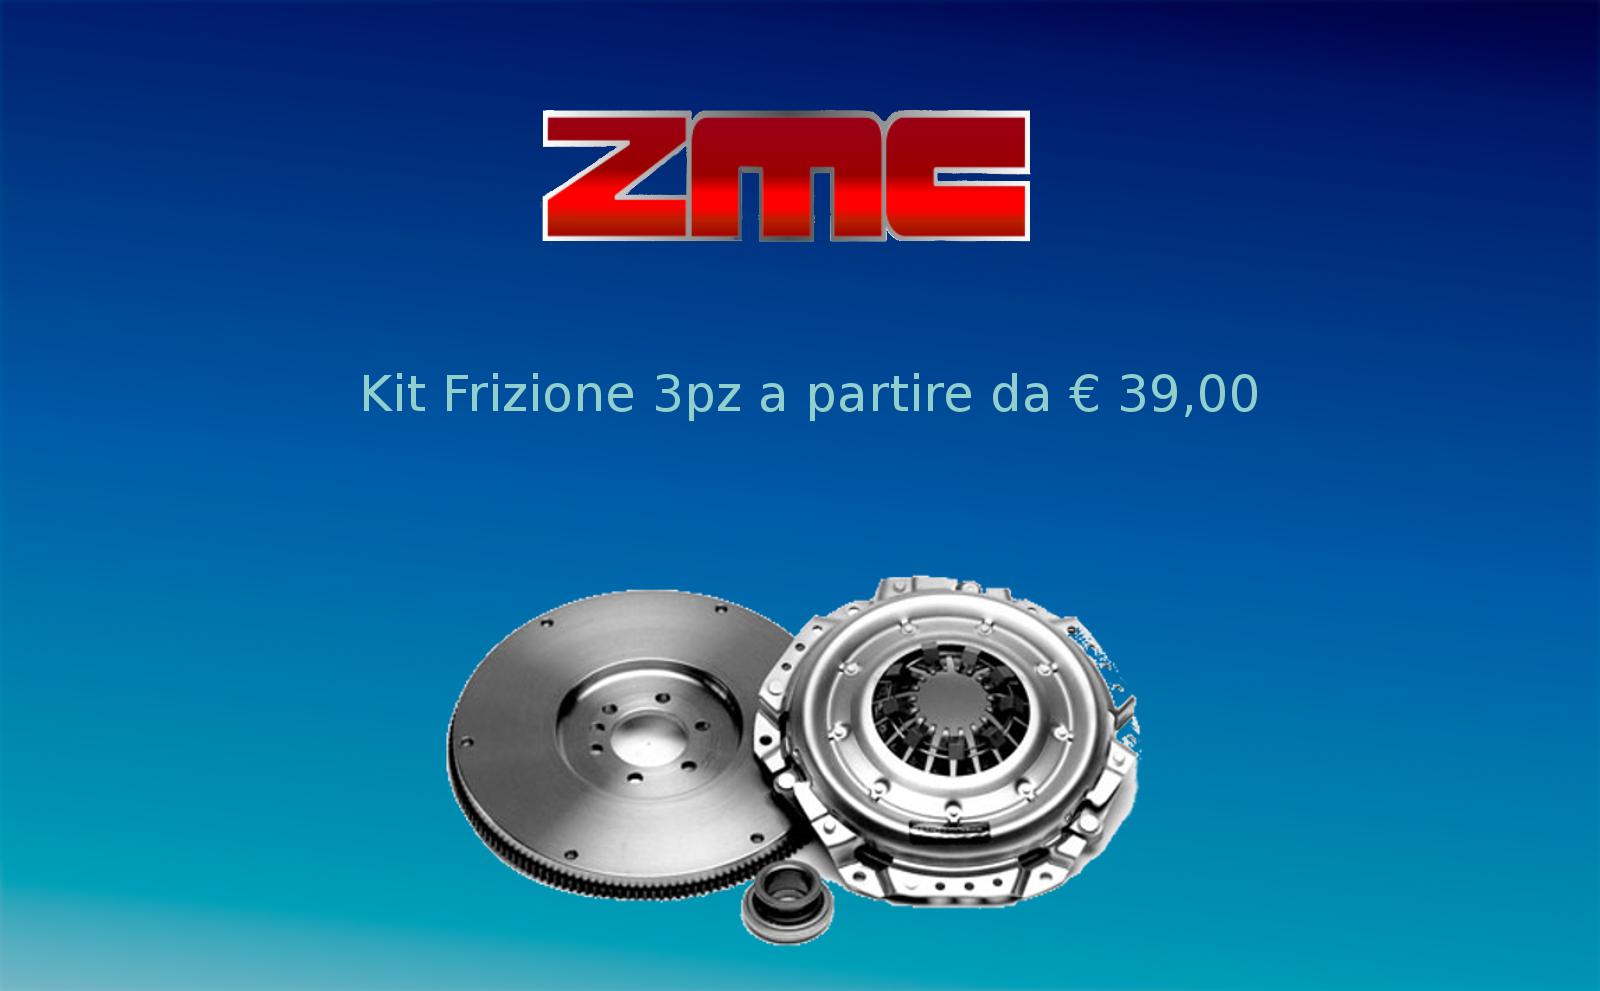 Kit Frizione 3pz